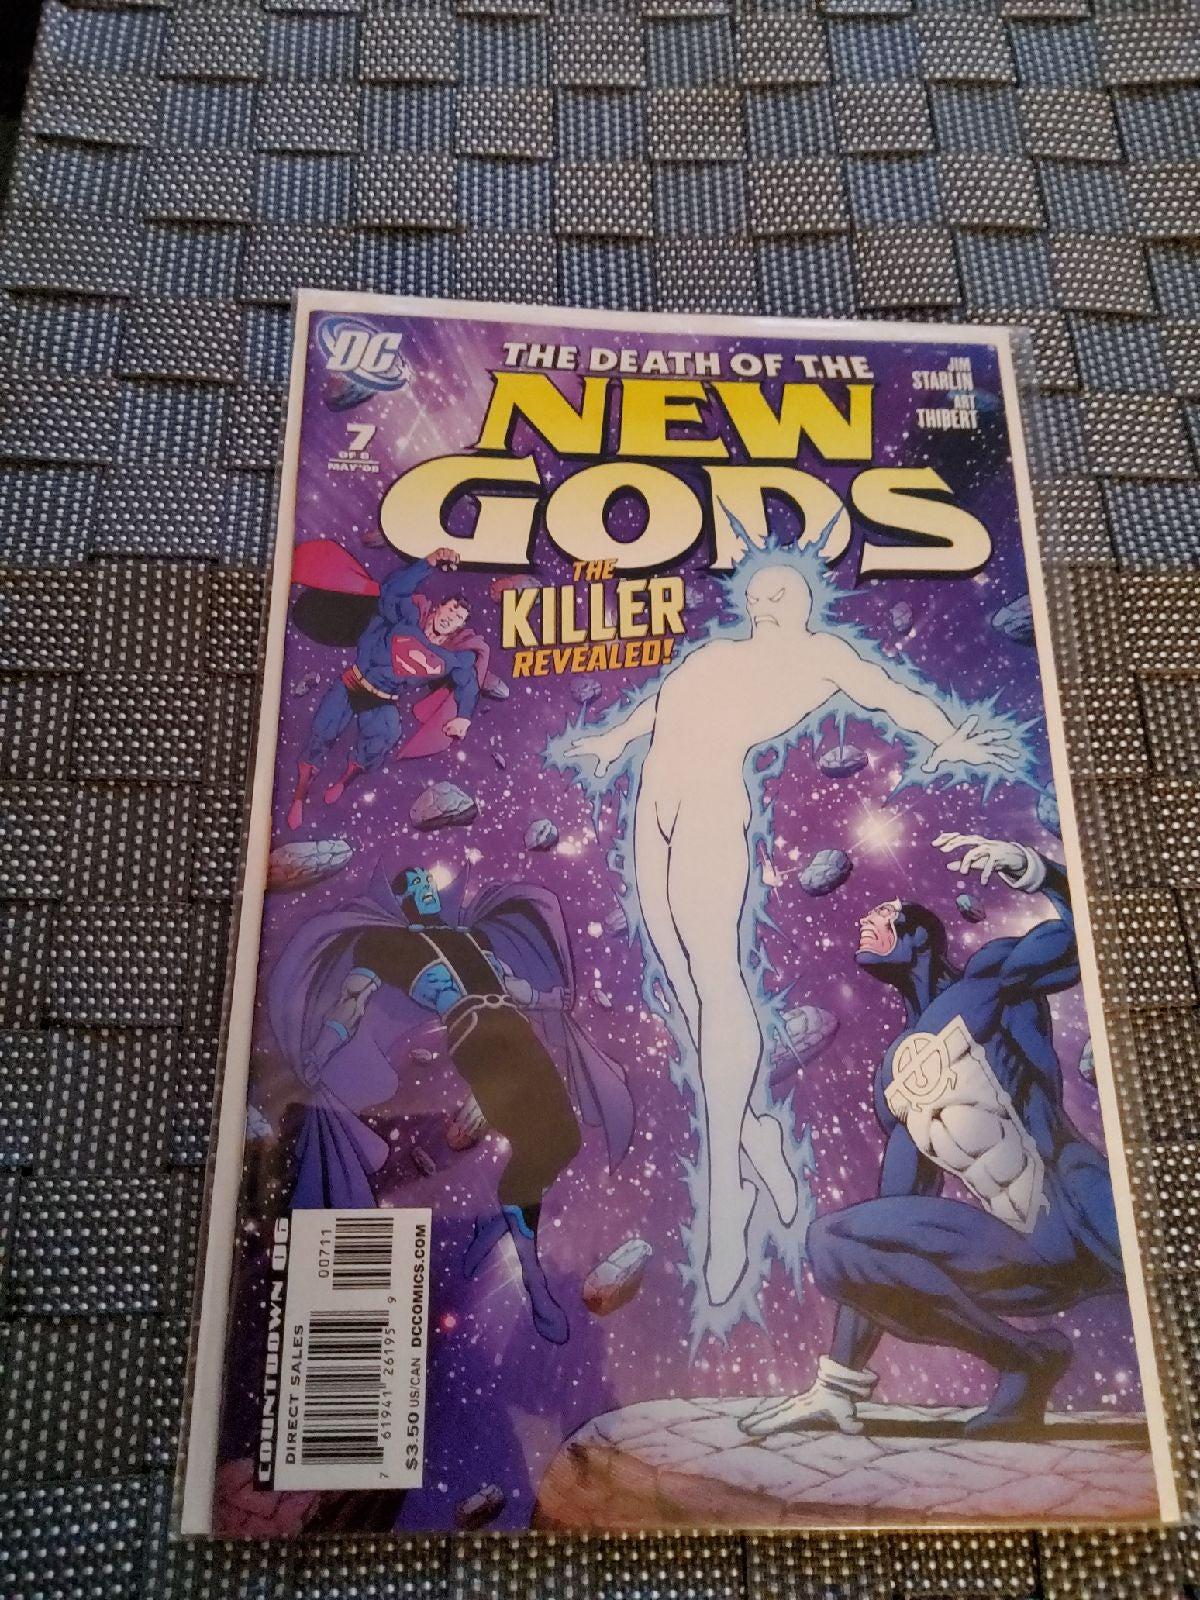 New gods thr killer revealed